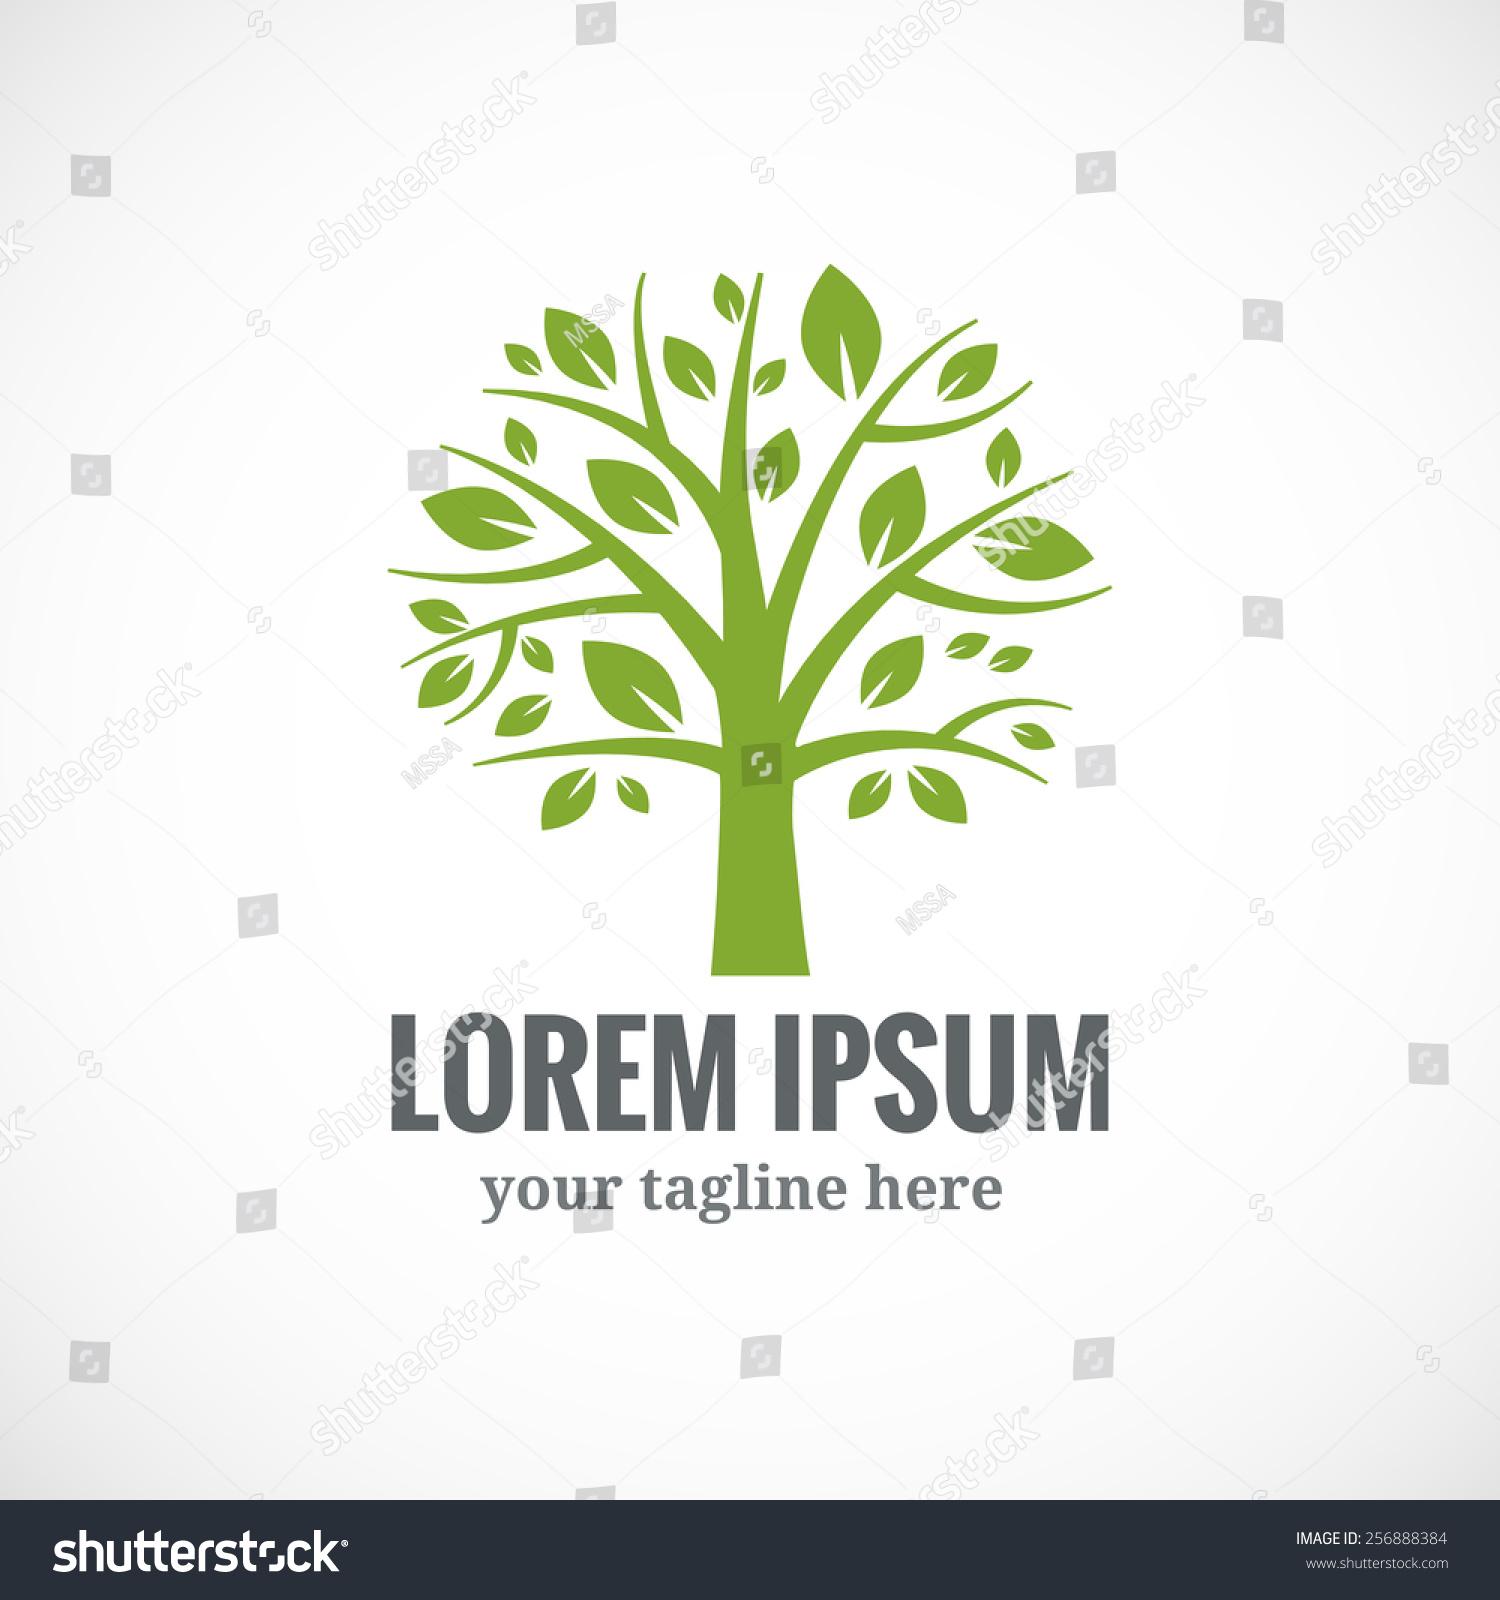 Green Tree Vector Logo Design Template Stock Vector 256888384 ...